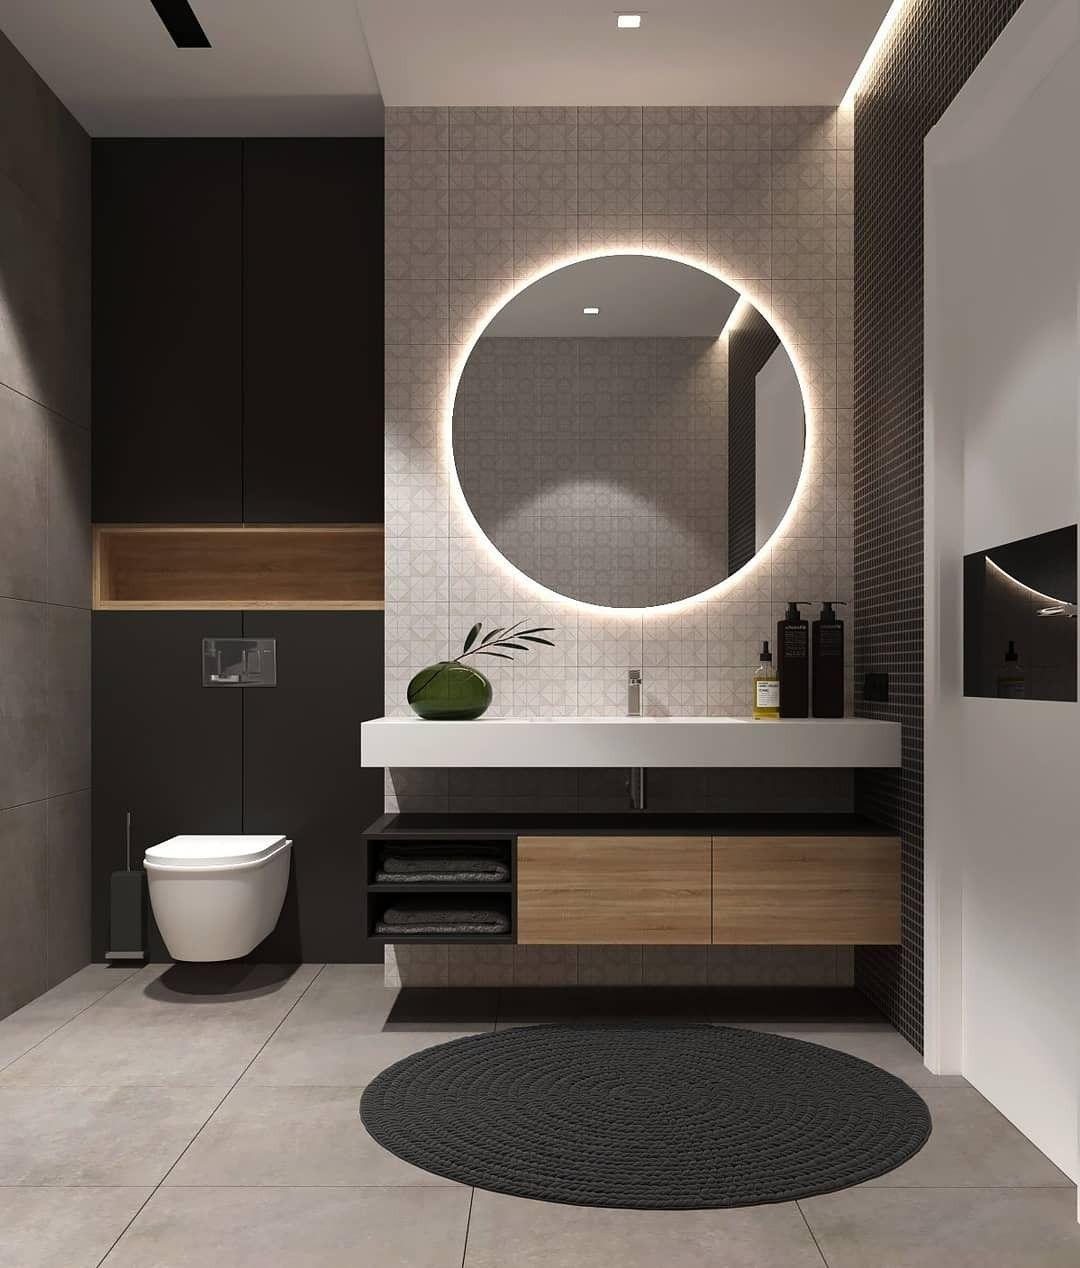 Salle de bain moderne dans des tons gris et noir avec